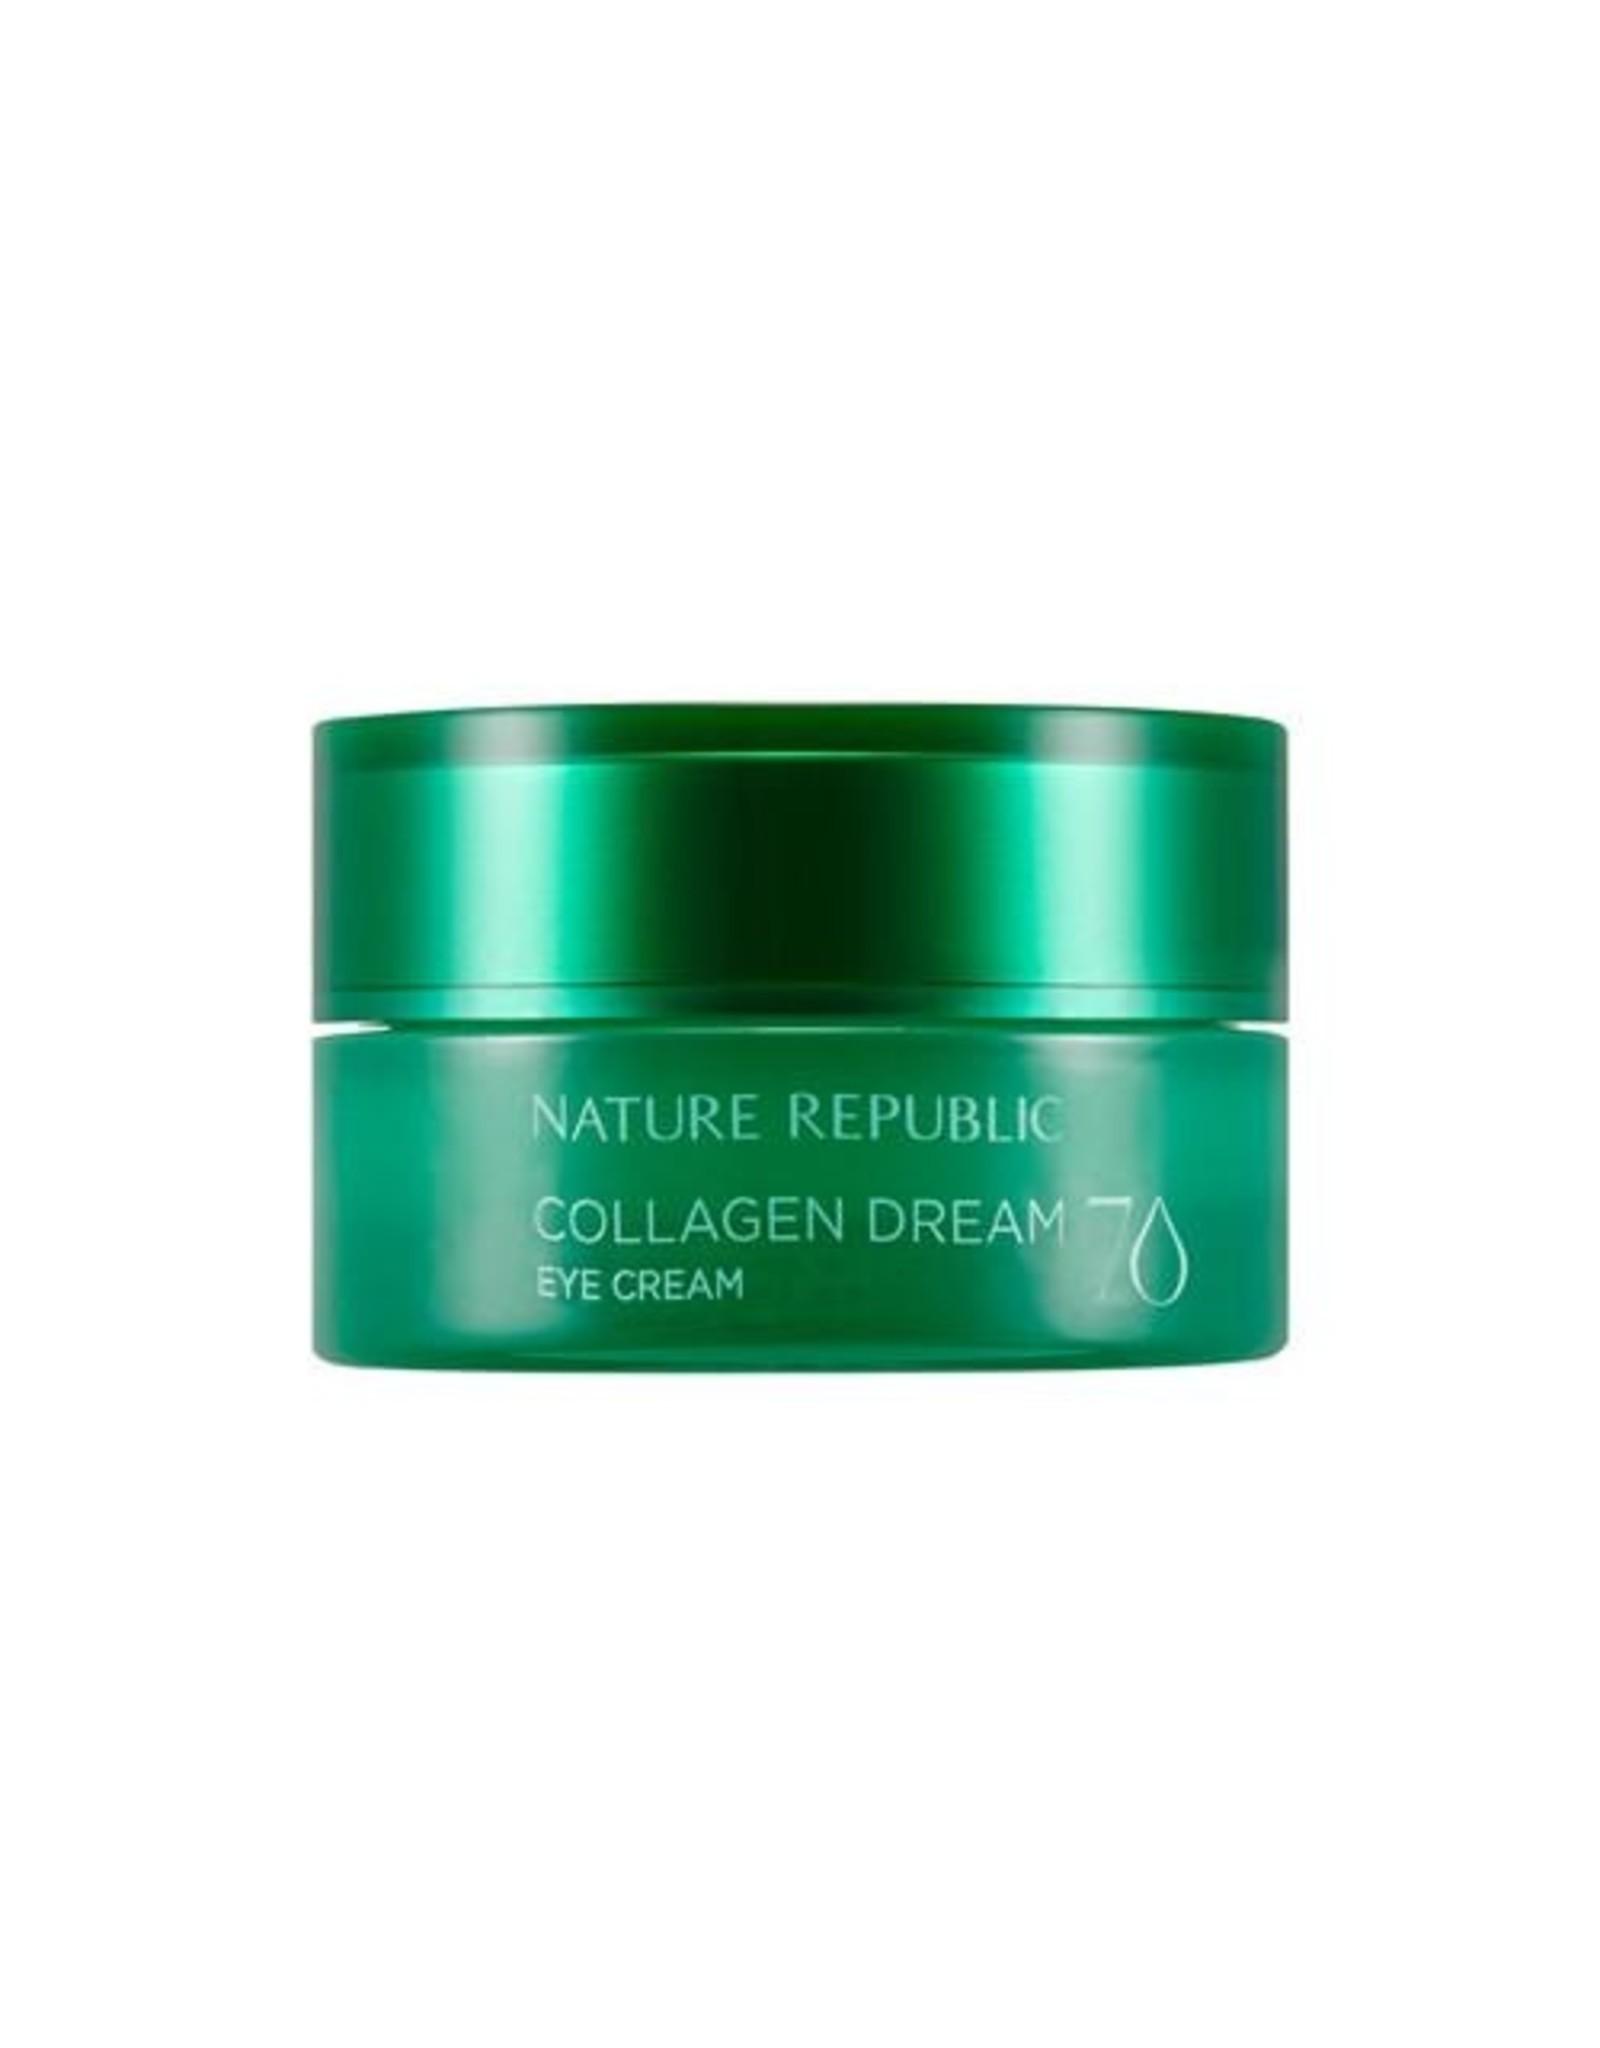 Collagen Dream 70 Eye Cream